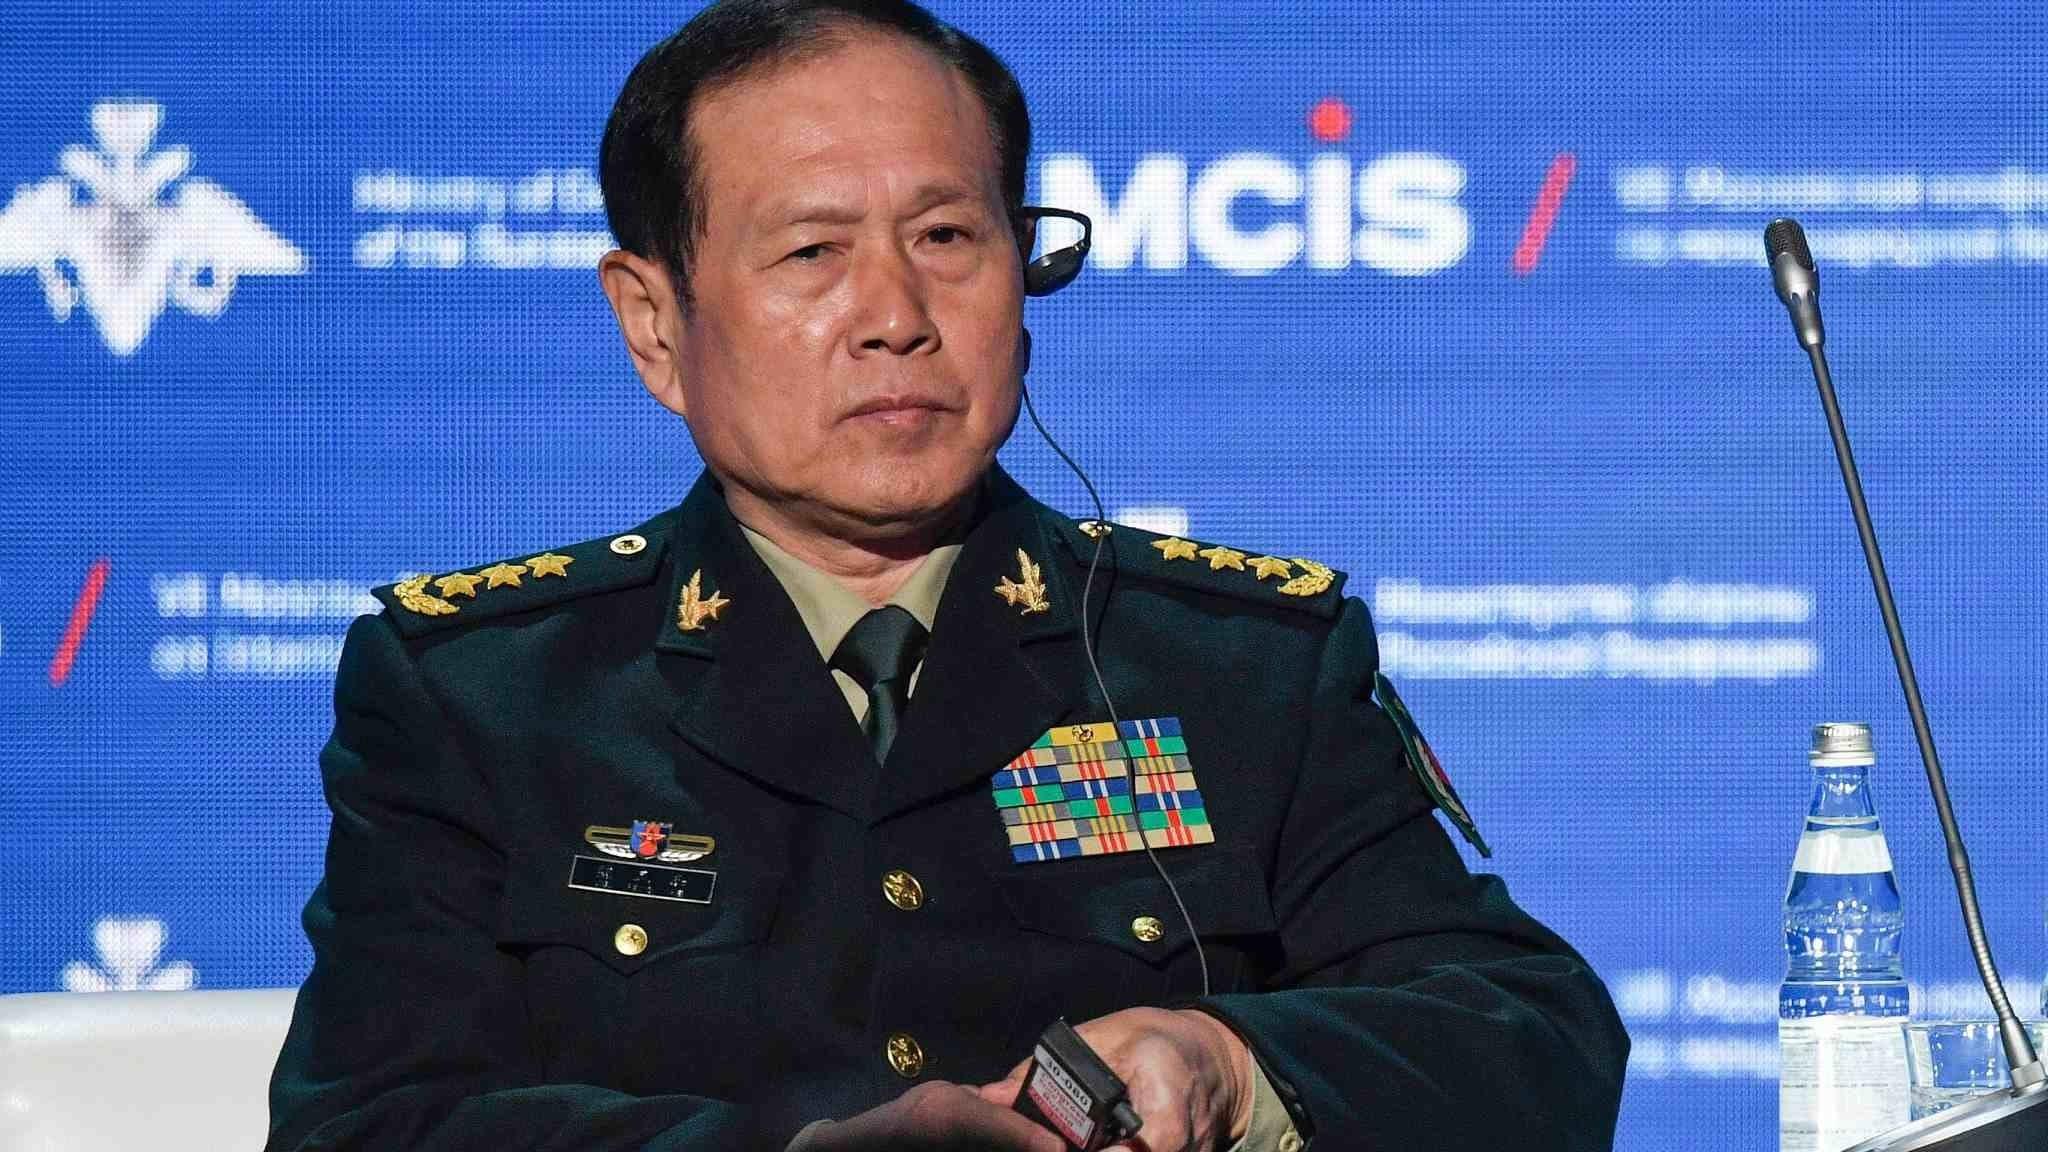 चिनियाँ रक्षामन्त्री फेङ्हे मंसिर १४ गते आएर त्यही दिन फर्कने